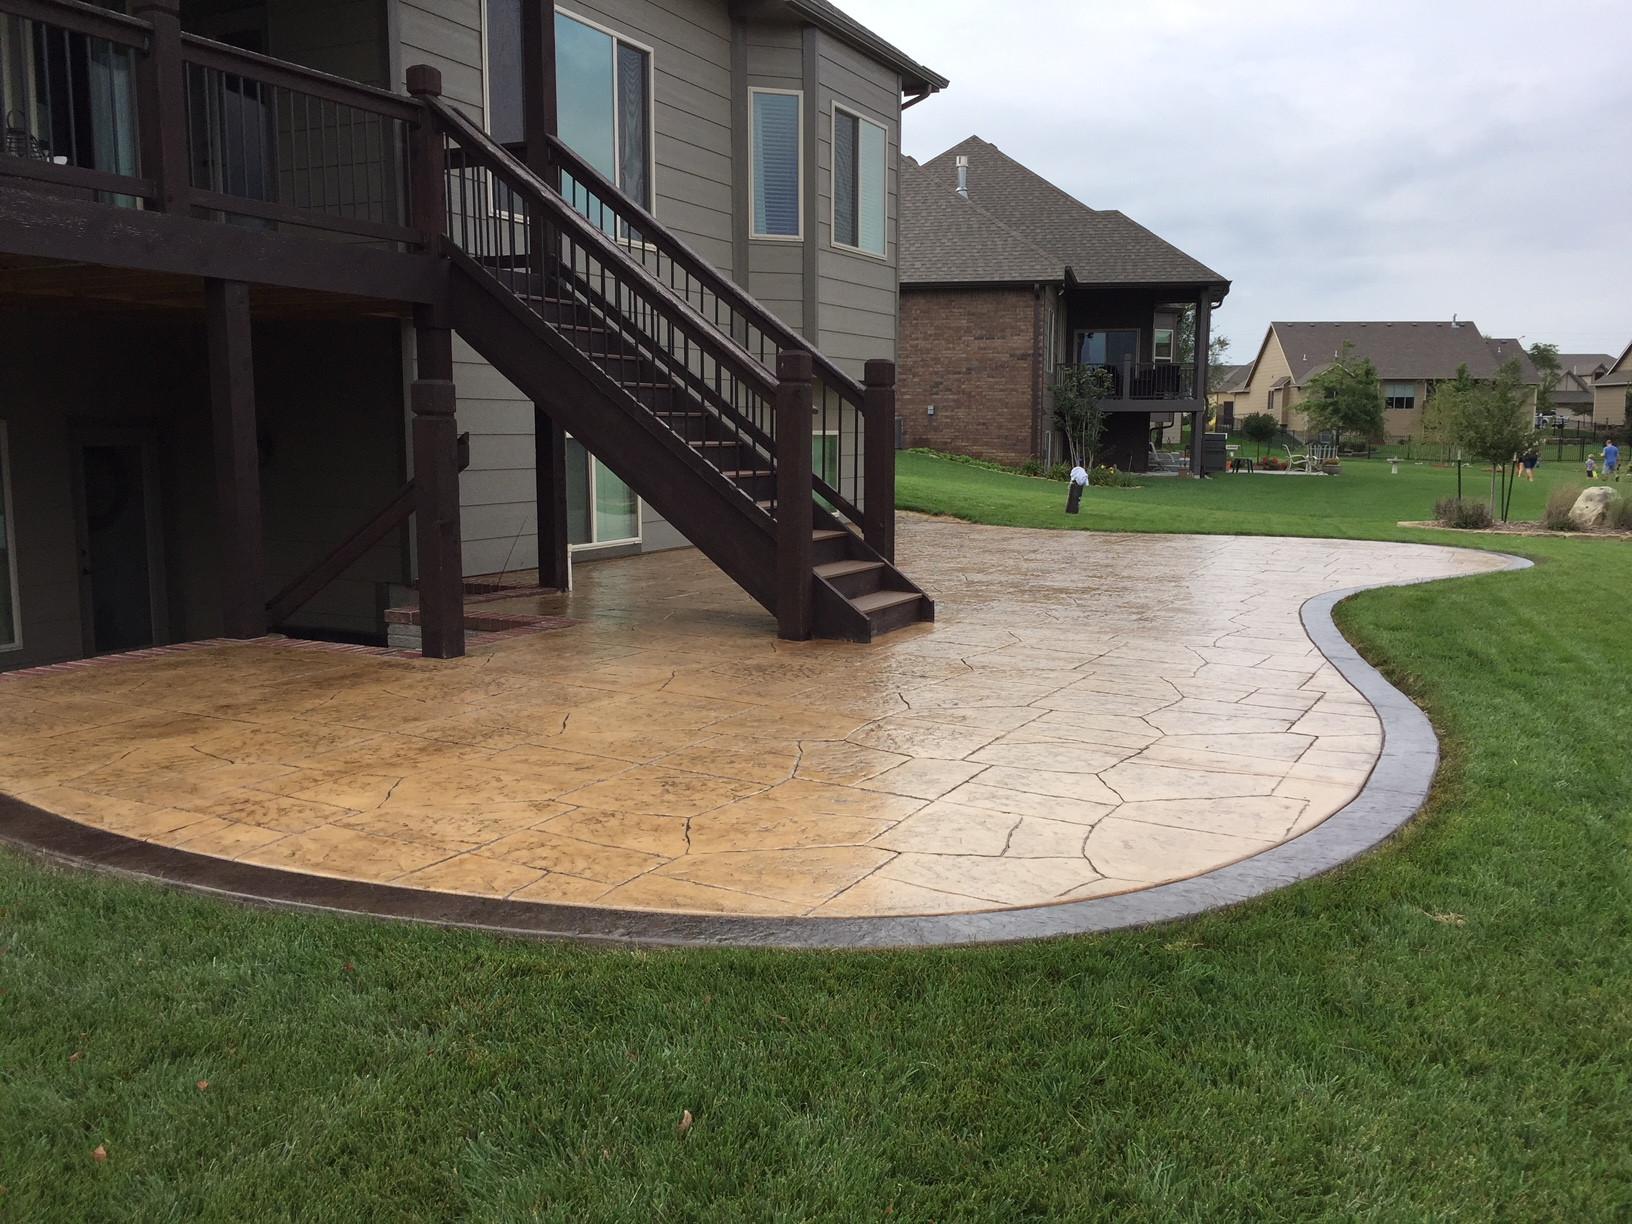 Best ideas about Concrete Patio Ideas . Save or Pin Concrete Patios Concrete Resealing Now.